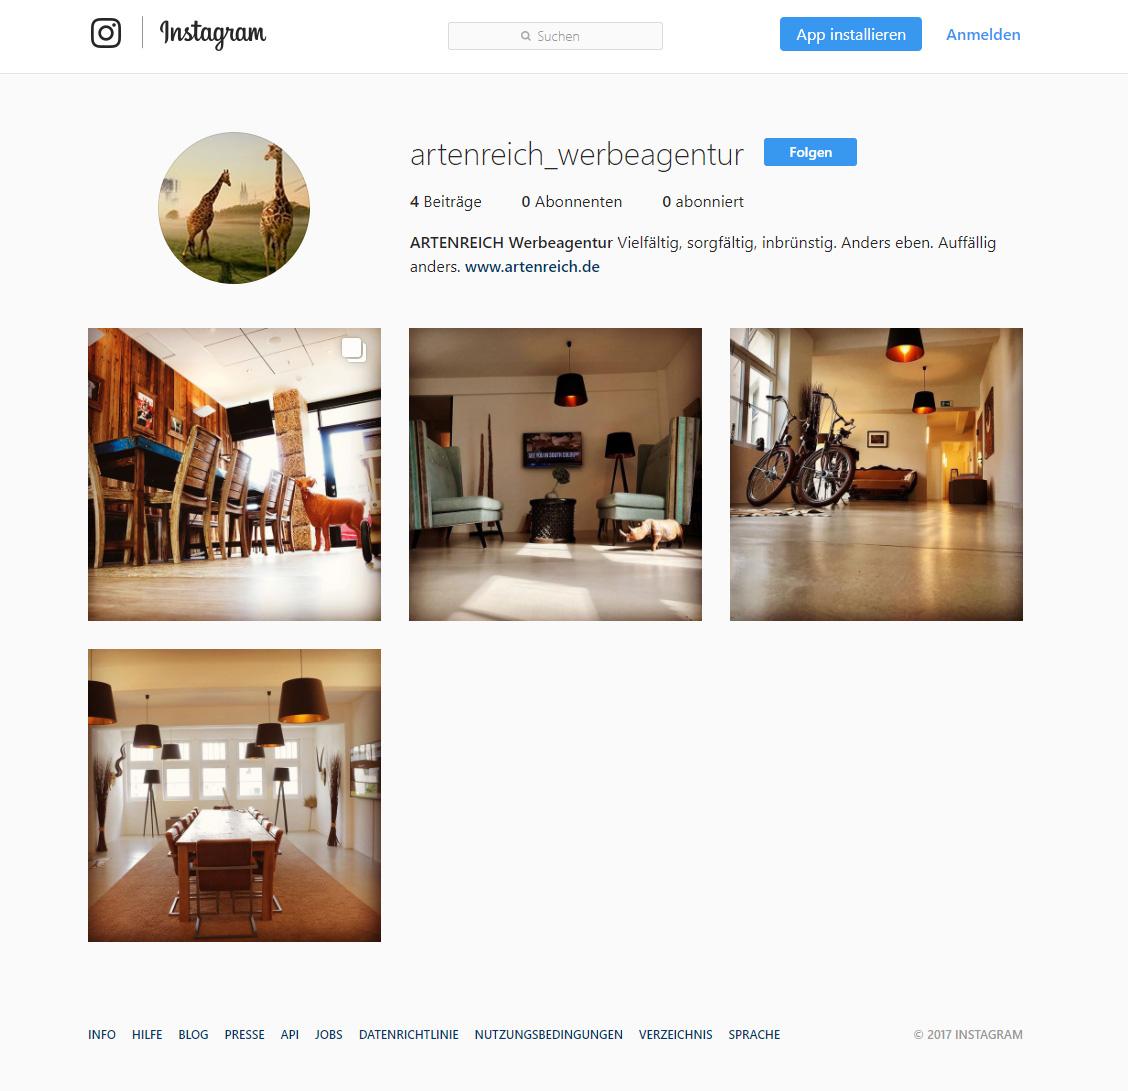 ARTENREICH fotowirbelt jetzt auch bei Instagram mit